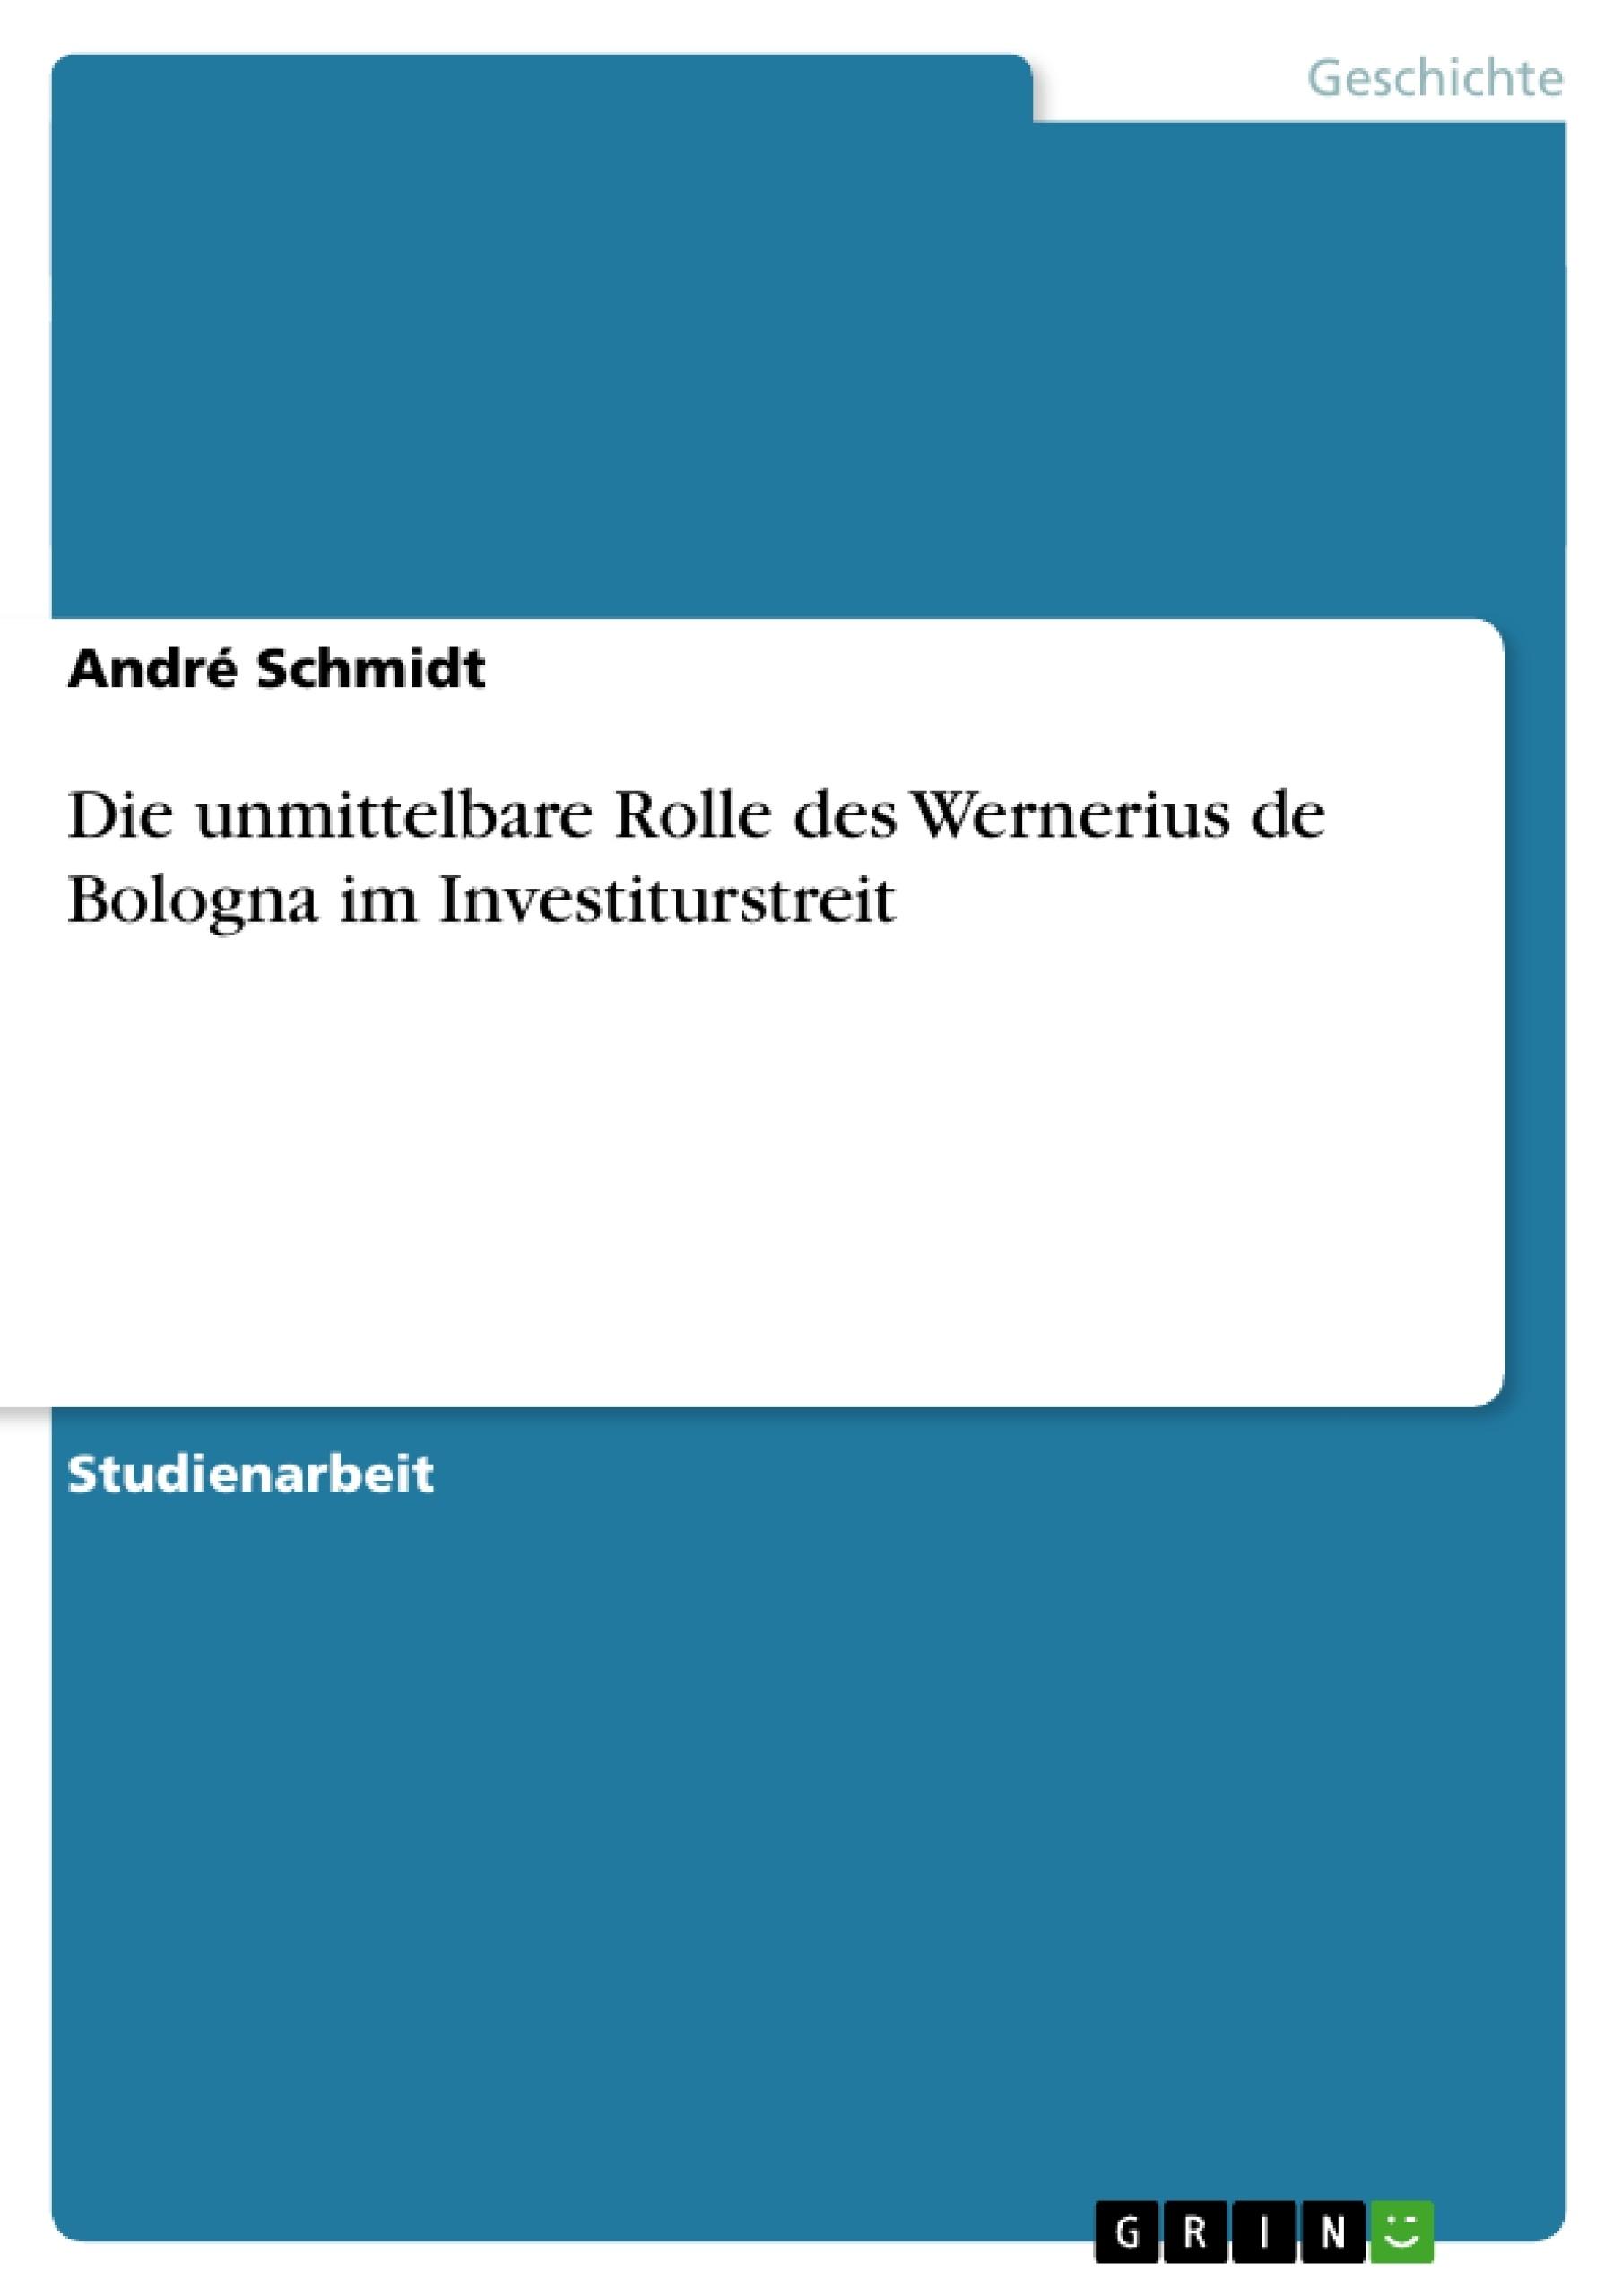 Titel: Die unmittelbare Rolle des Wernerius de Bologna im Investiturstreit